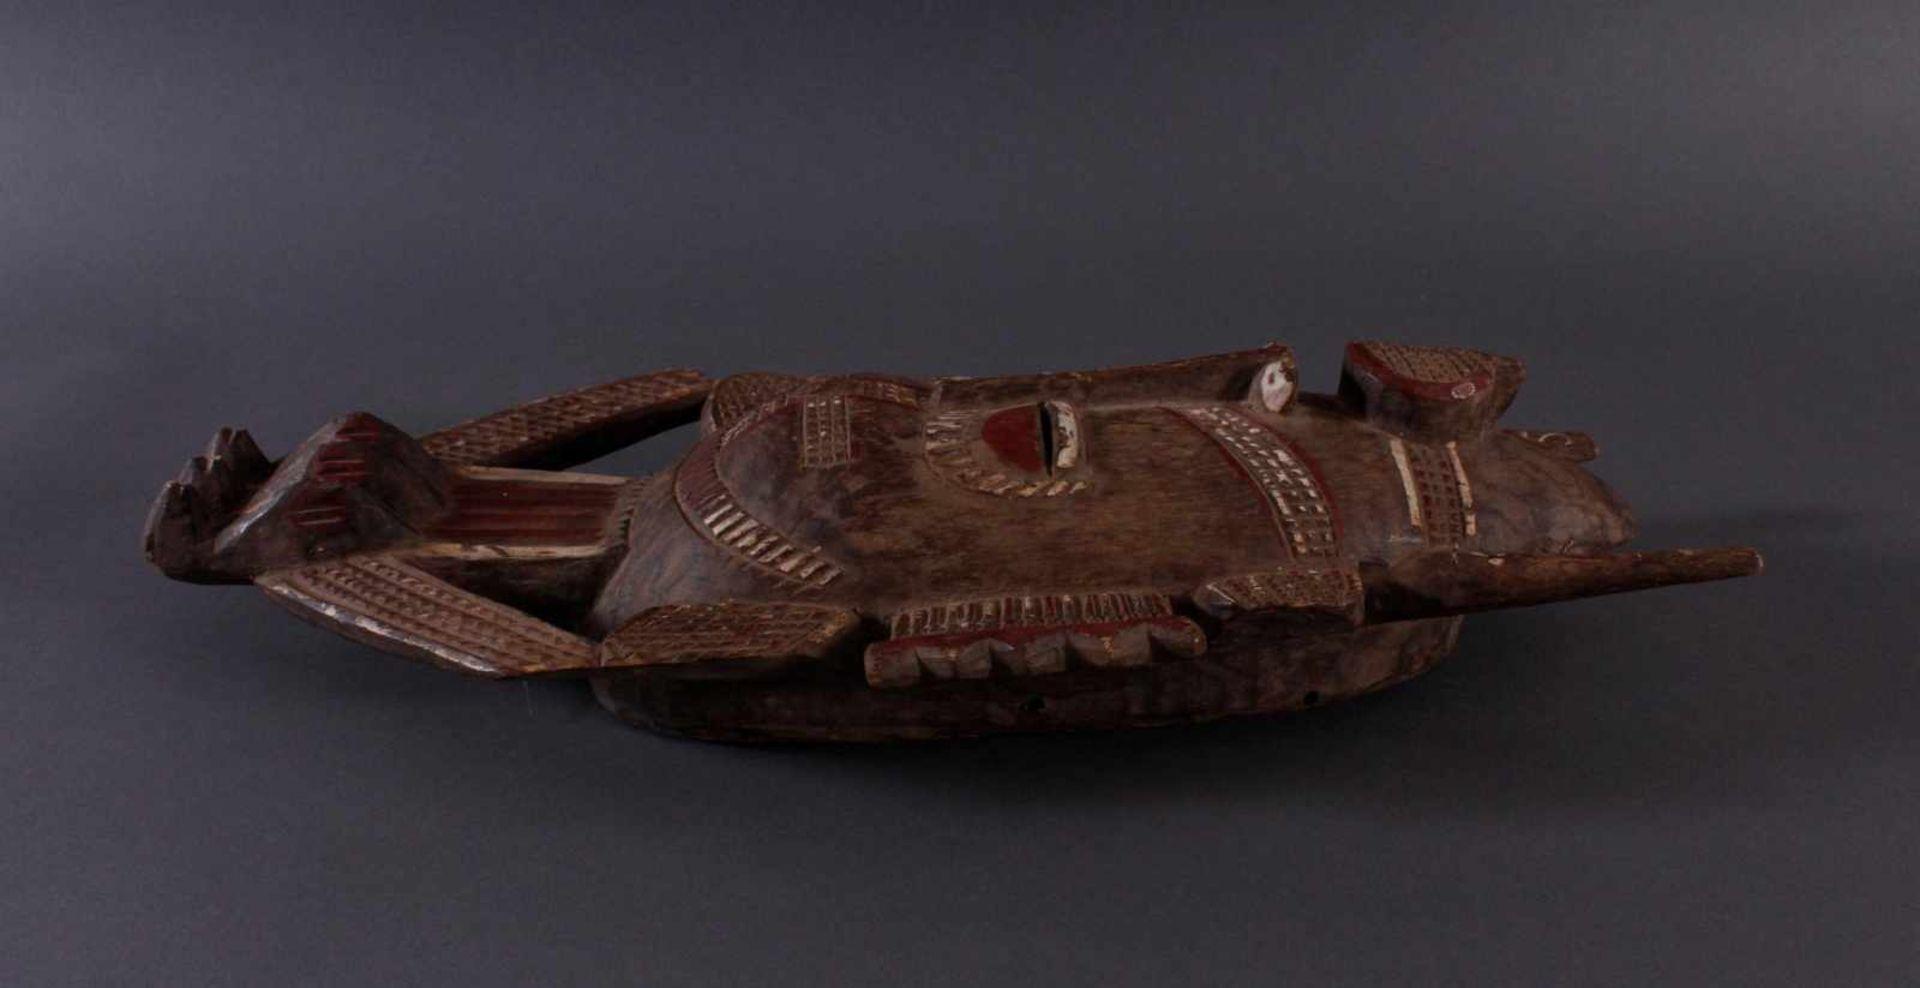 Antike Maske, Senufo, Elfenbeinküste 1. Hälfte 20. Jh.Holz geschnitzt, rotbraune und Weiße Bemalung, - Bild 3 aus 5